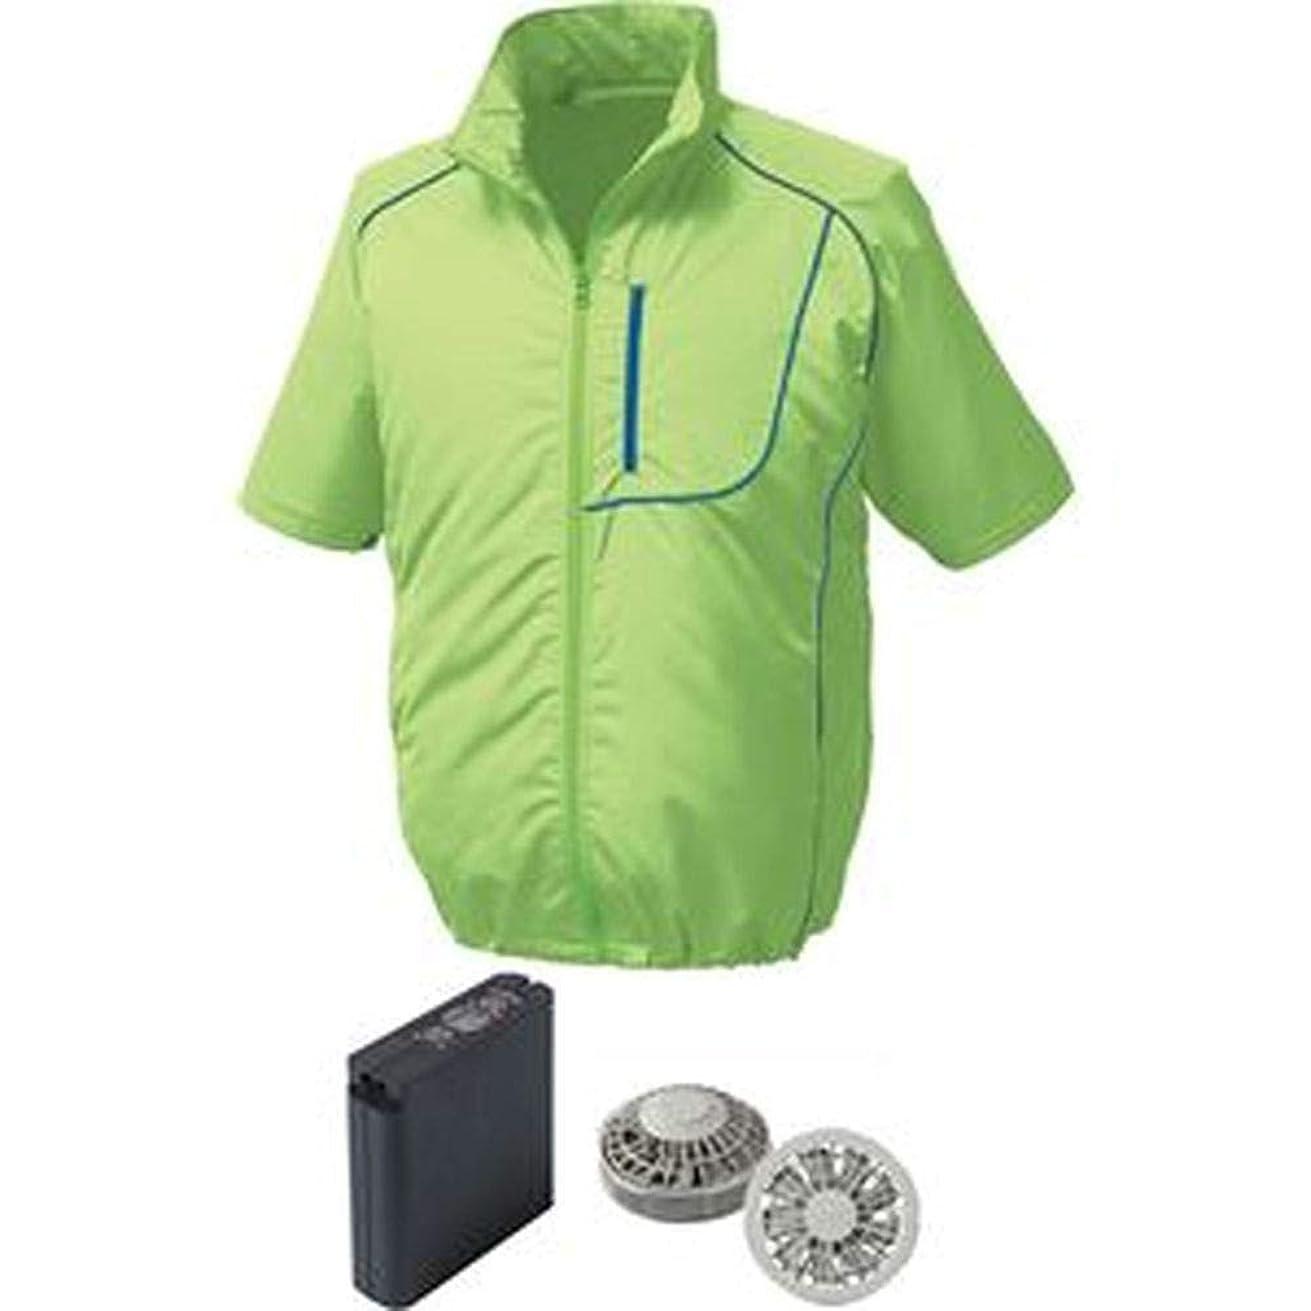 共感する暴君素晴らしいポリエステル製半袖空調服/大容量バッテリーセット/ファンカラー:シルバー / 1720G22C17S5 / - ウエアカラー:ライムグリーン×ネイビー/XL -